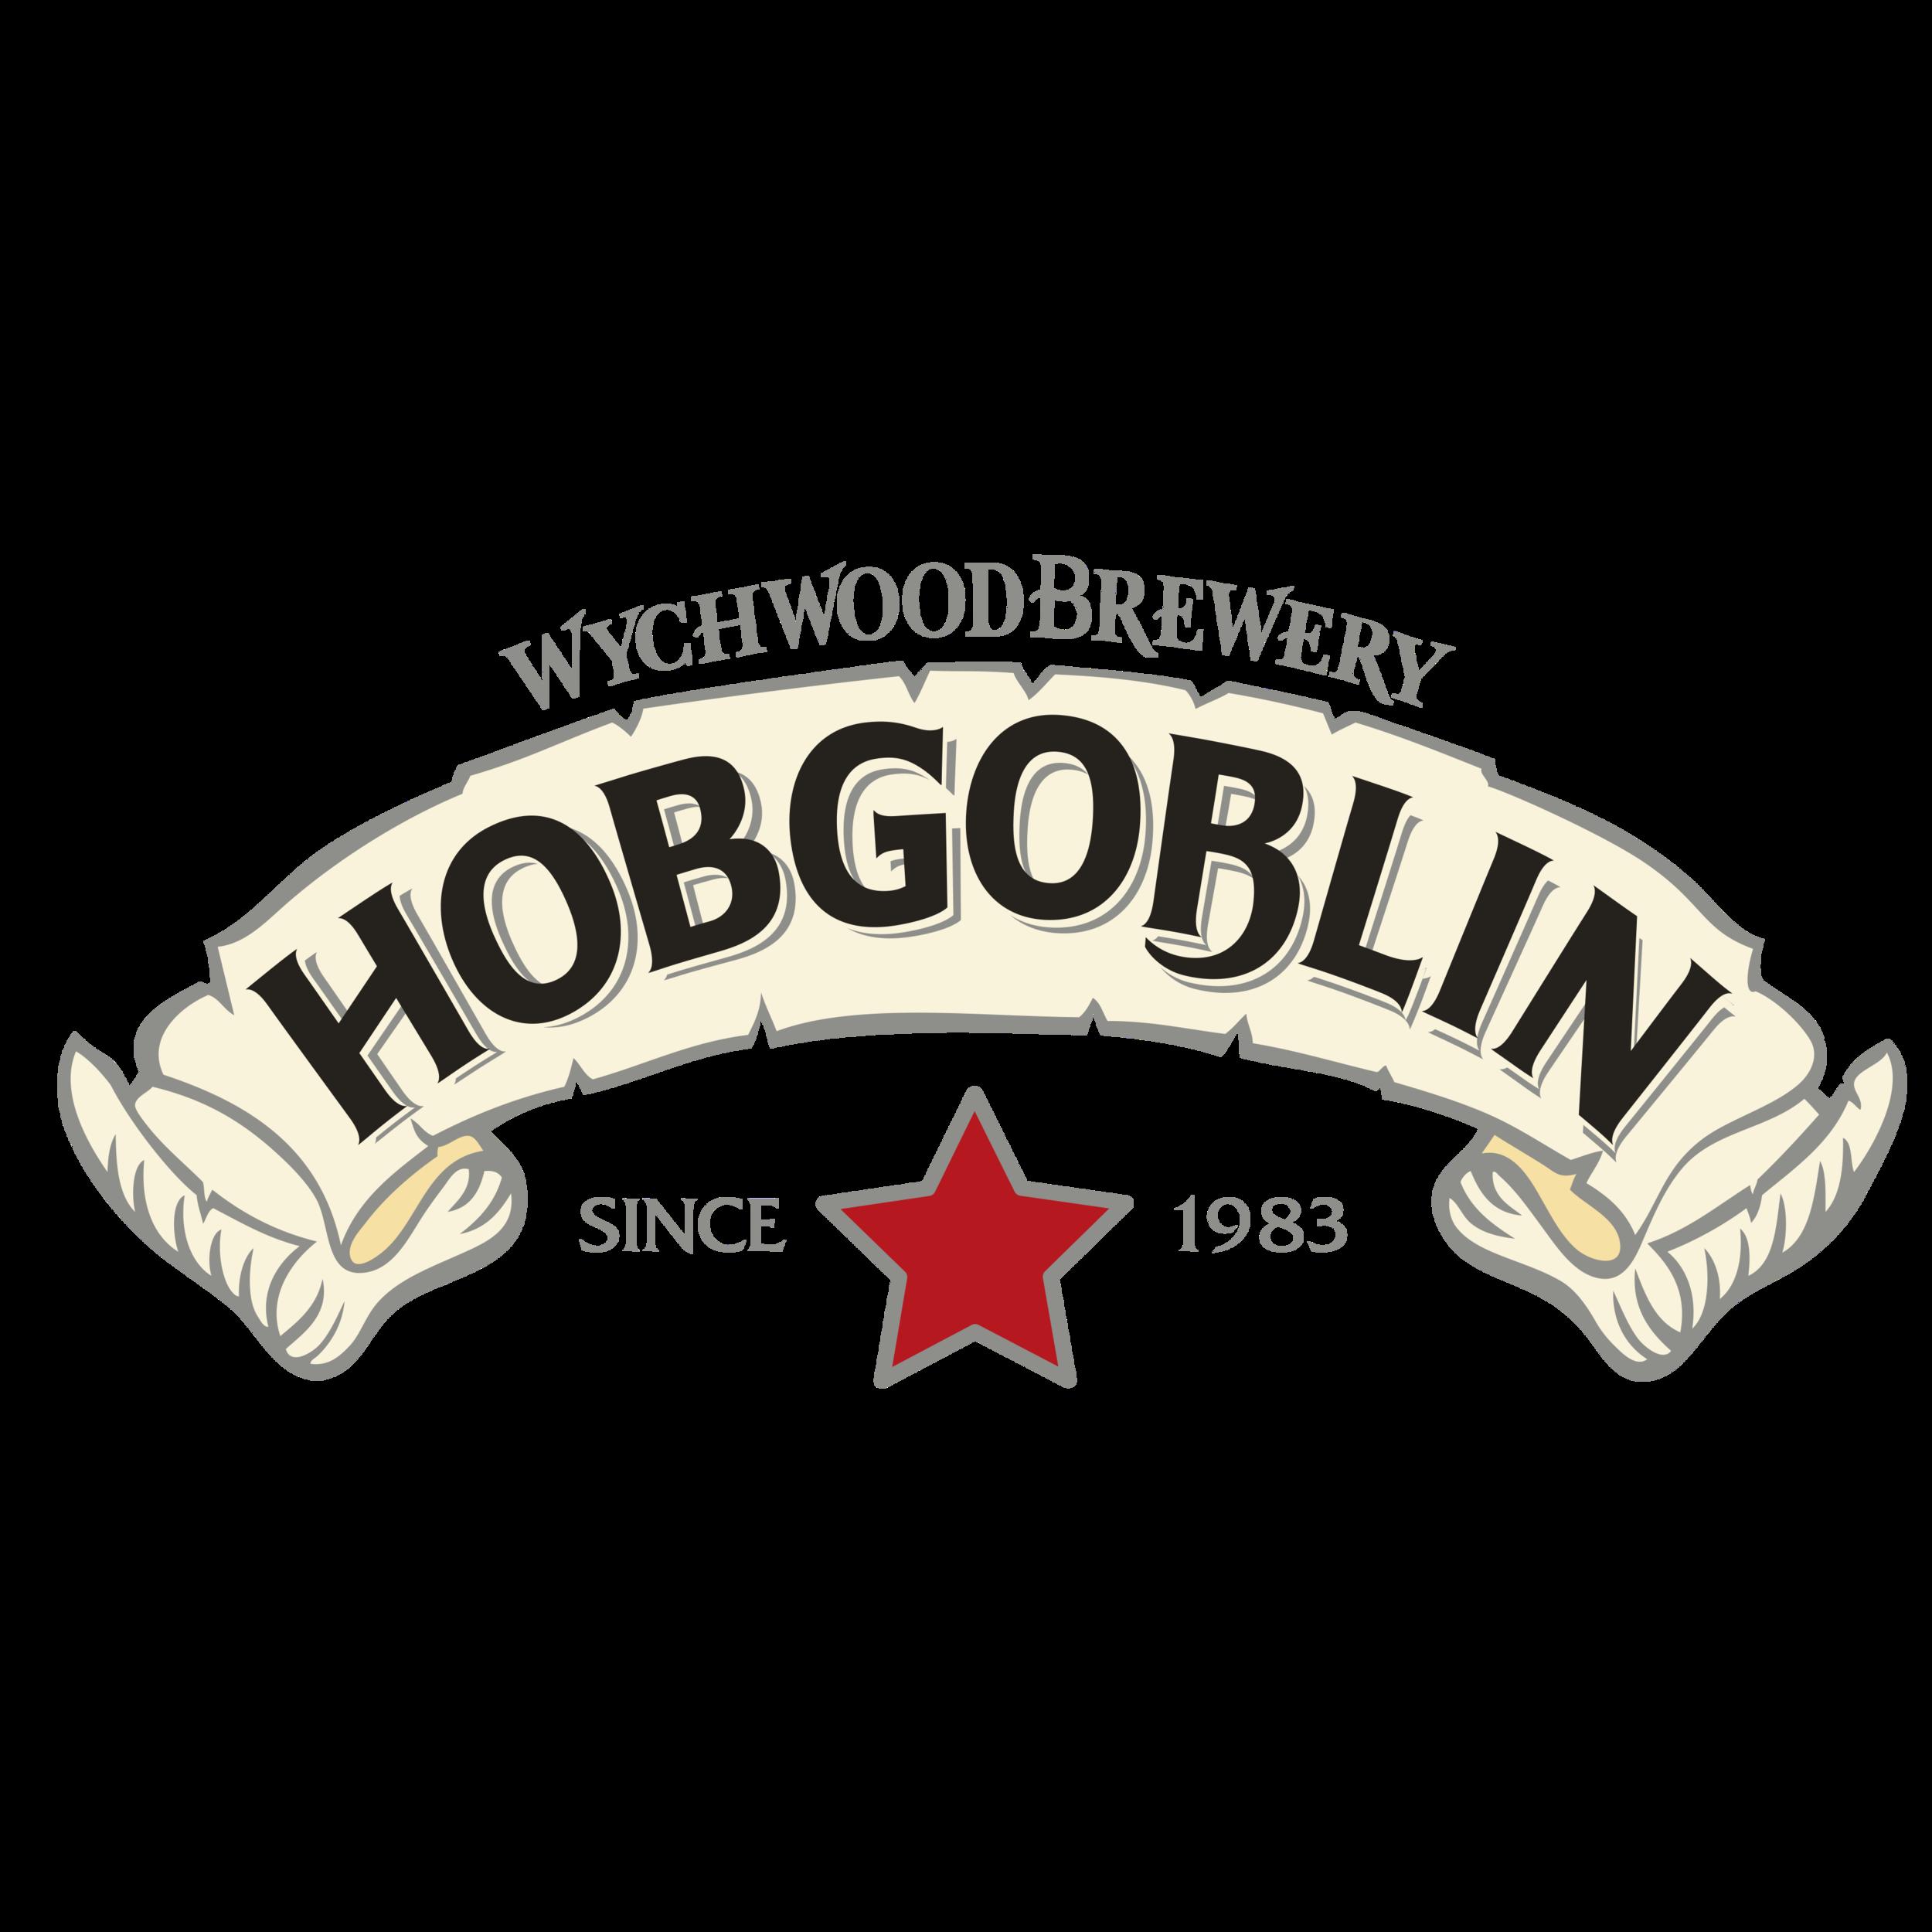 Hobgoblin logo